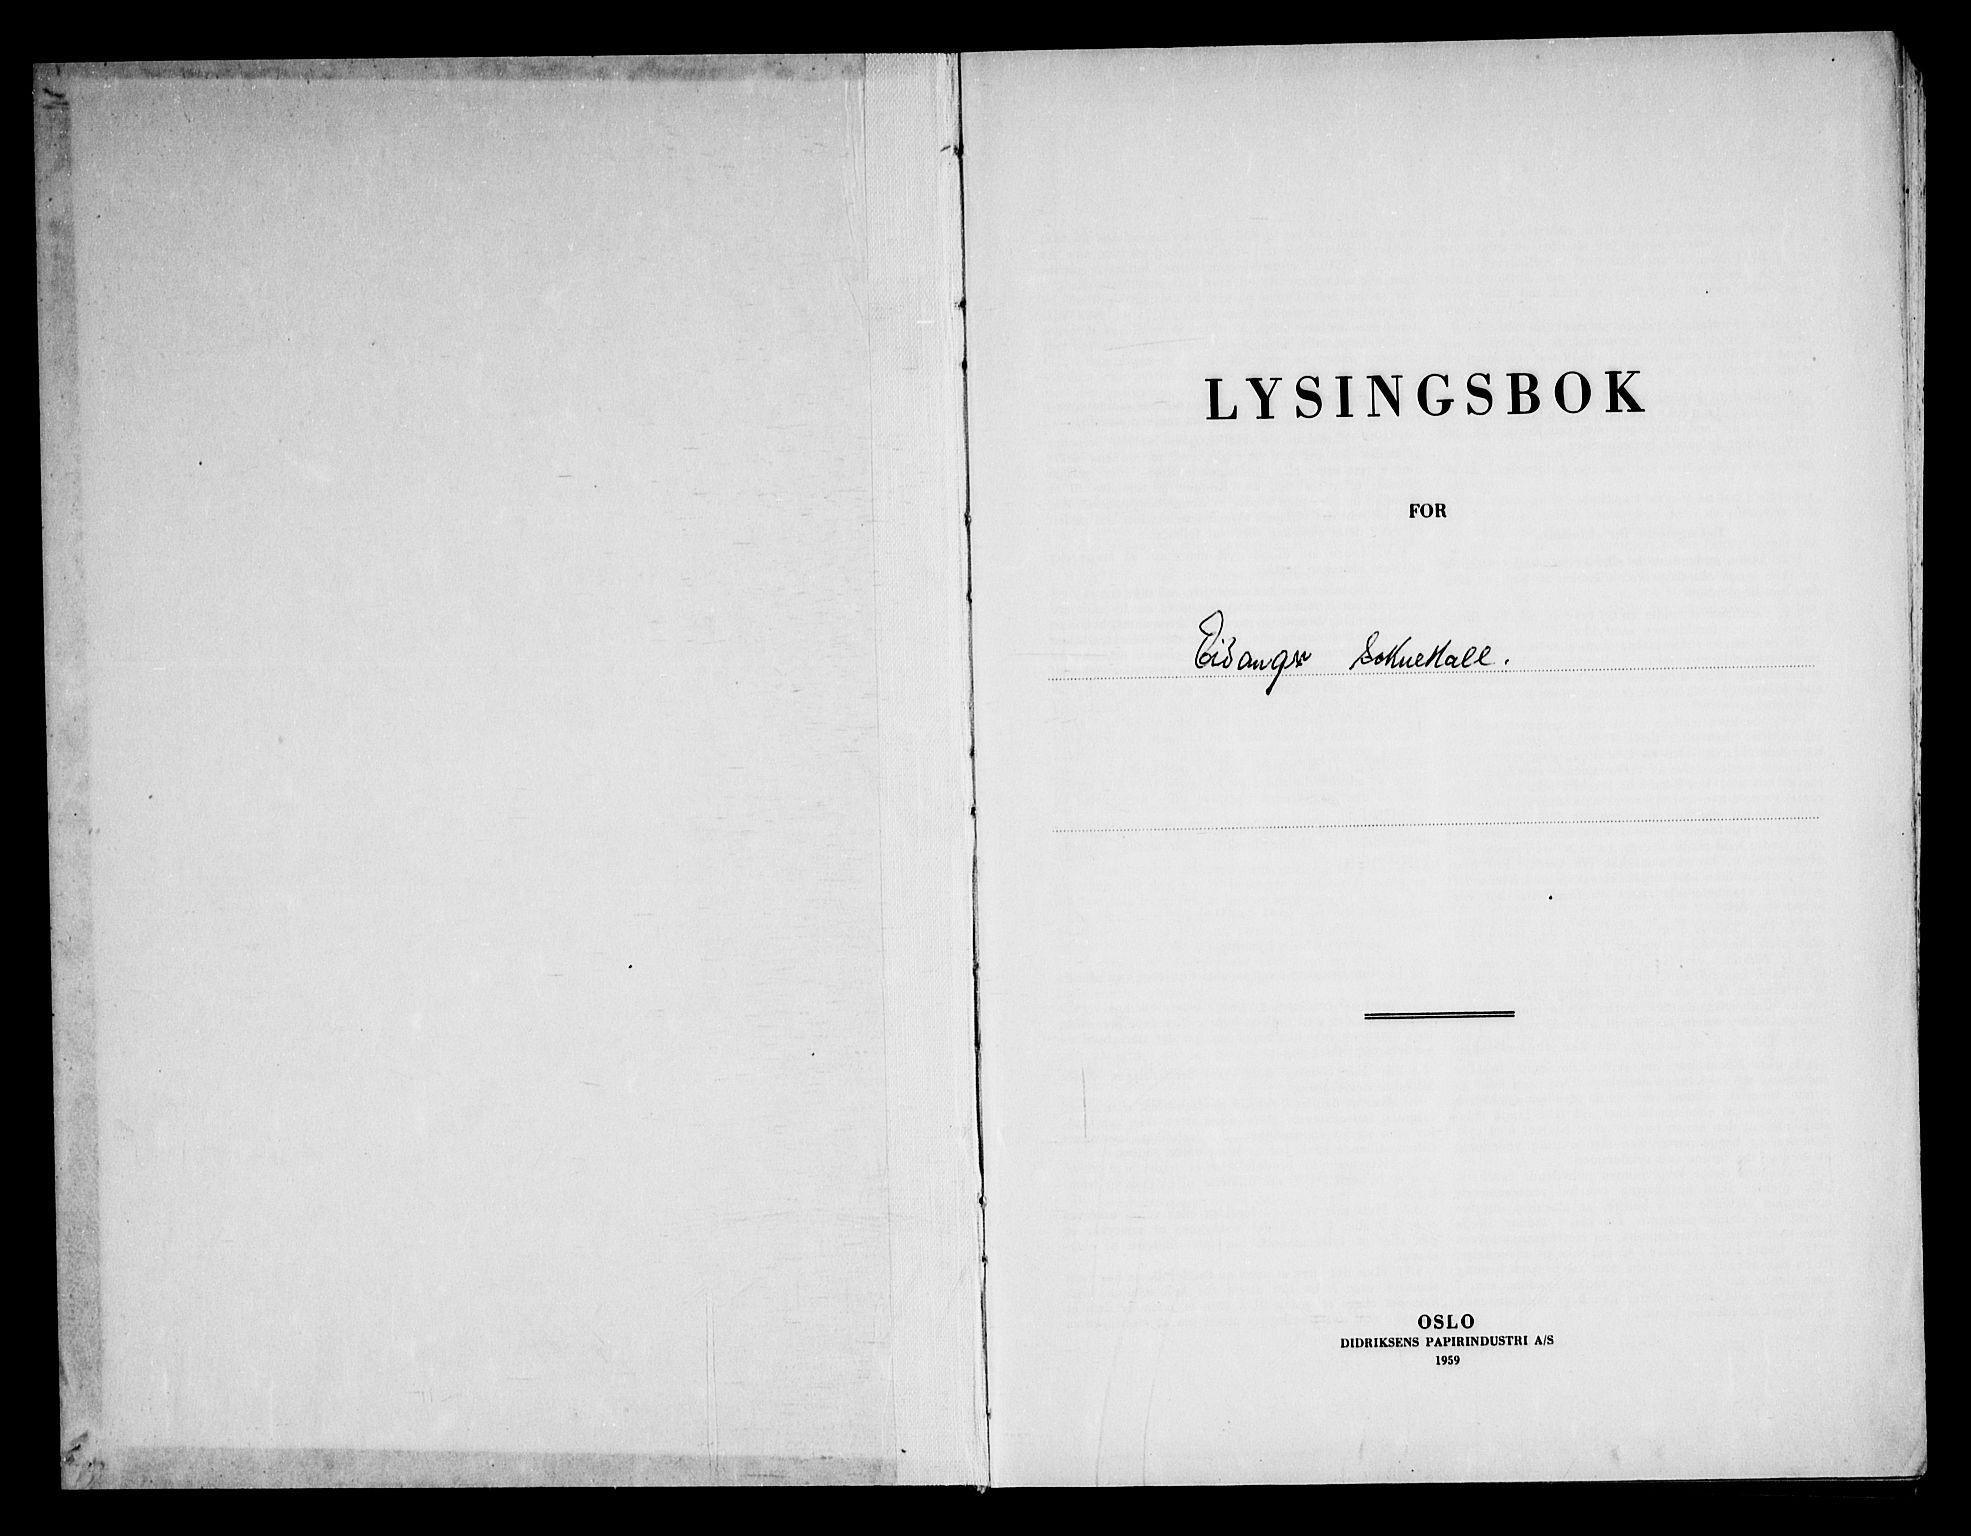 SAKO, Eidanger kirkebøker, H/Ha/L0005: Lysningsprotokoll nr. 5, 1964-1969